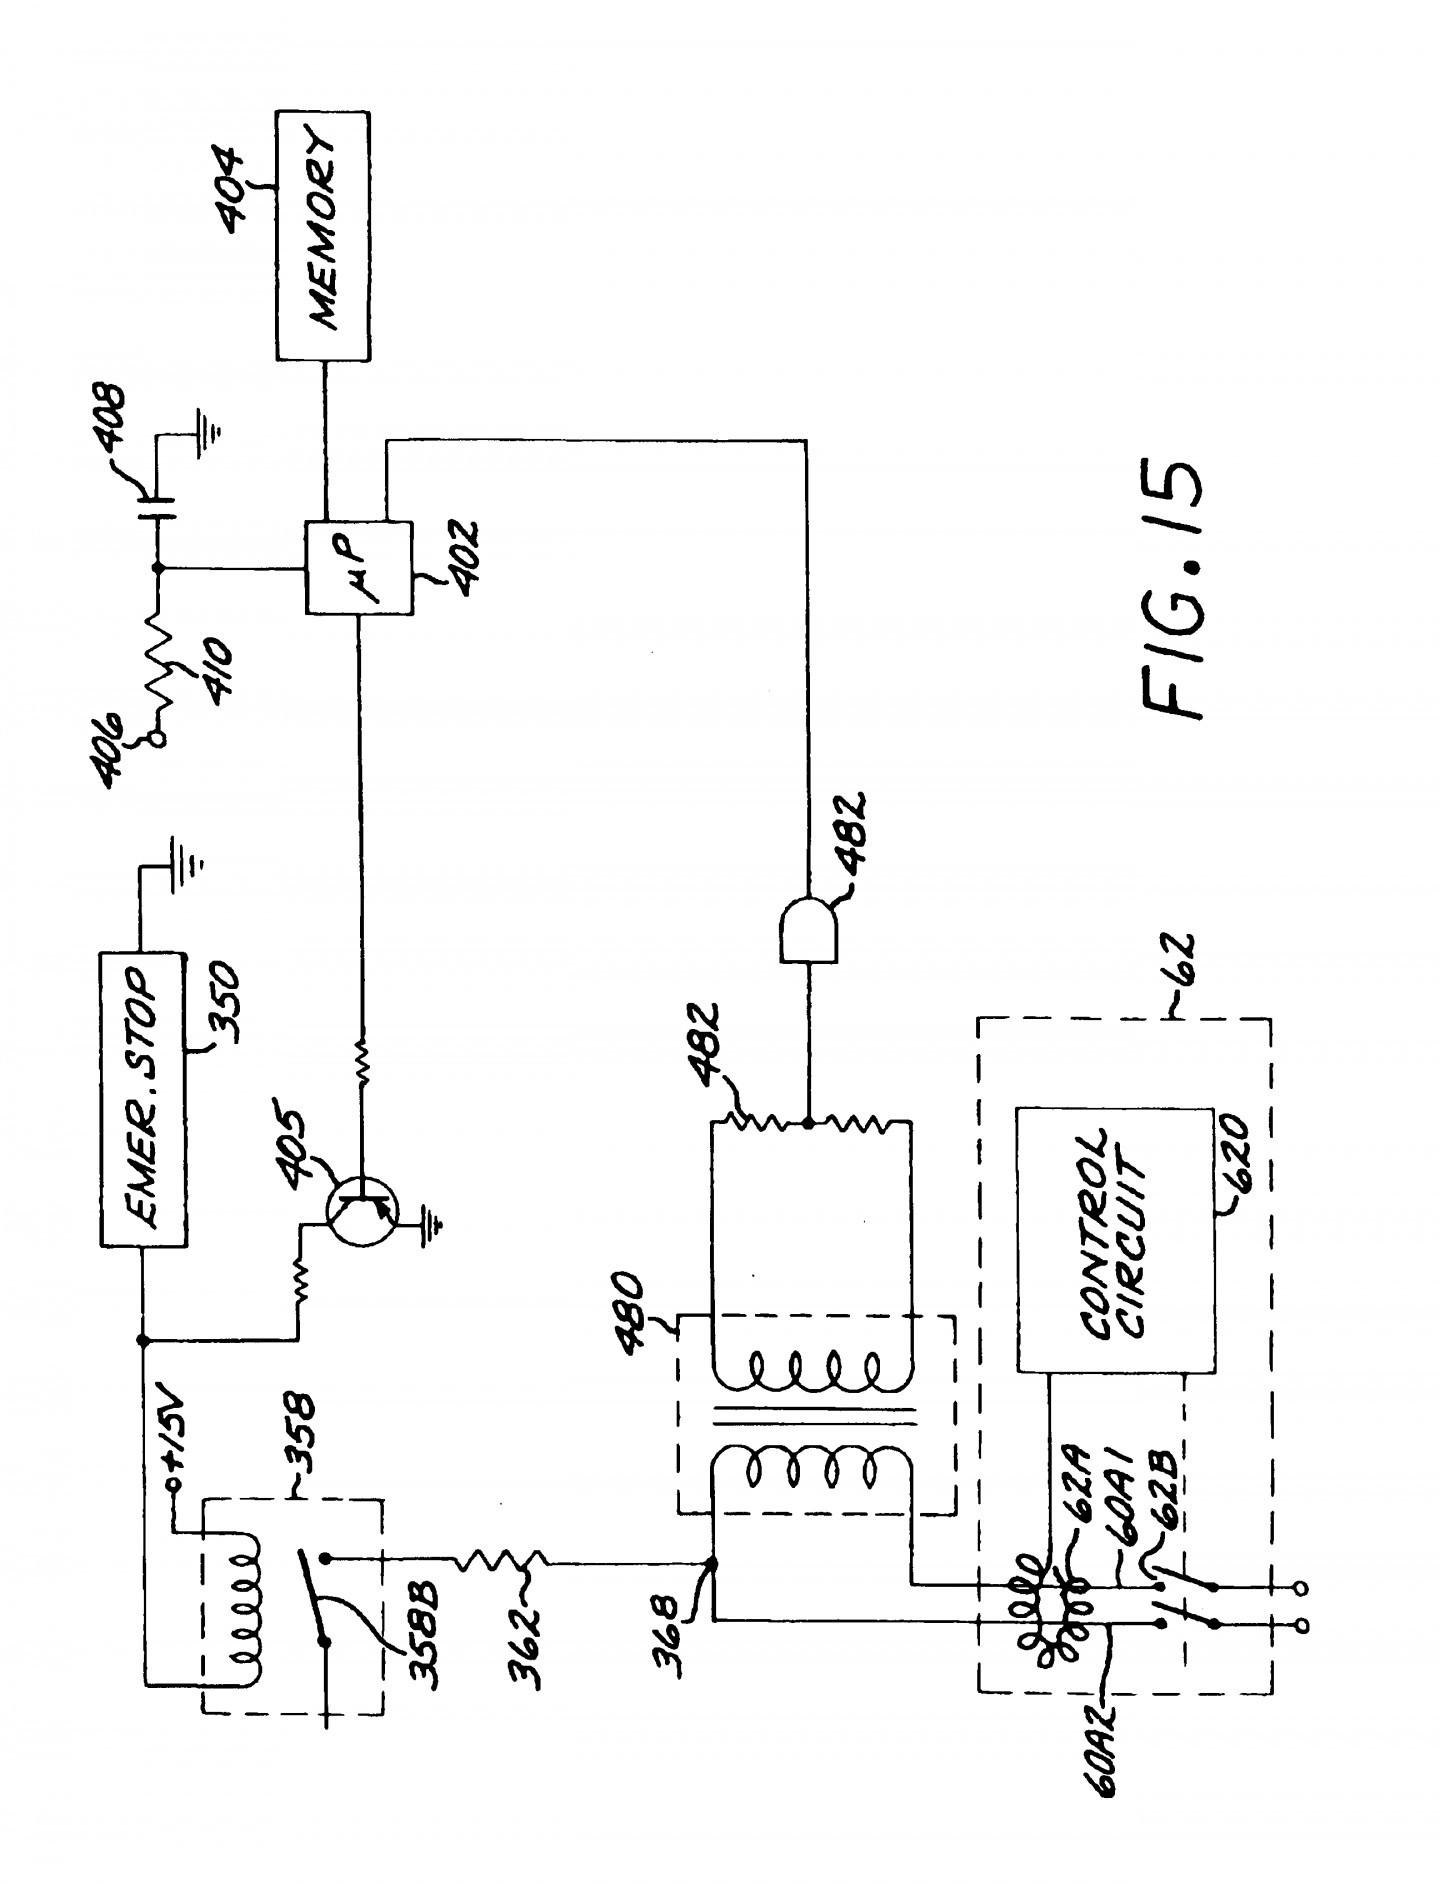 Hayward Super Pump 220 Volt Wiring Diagram. Hot Water